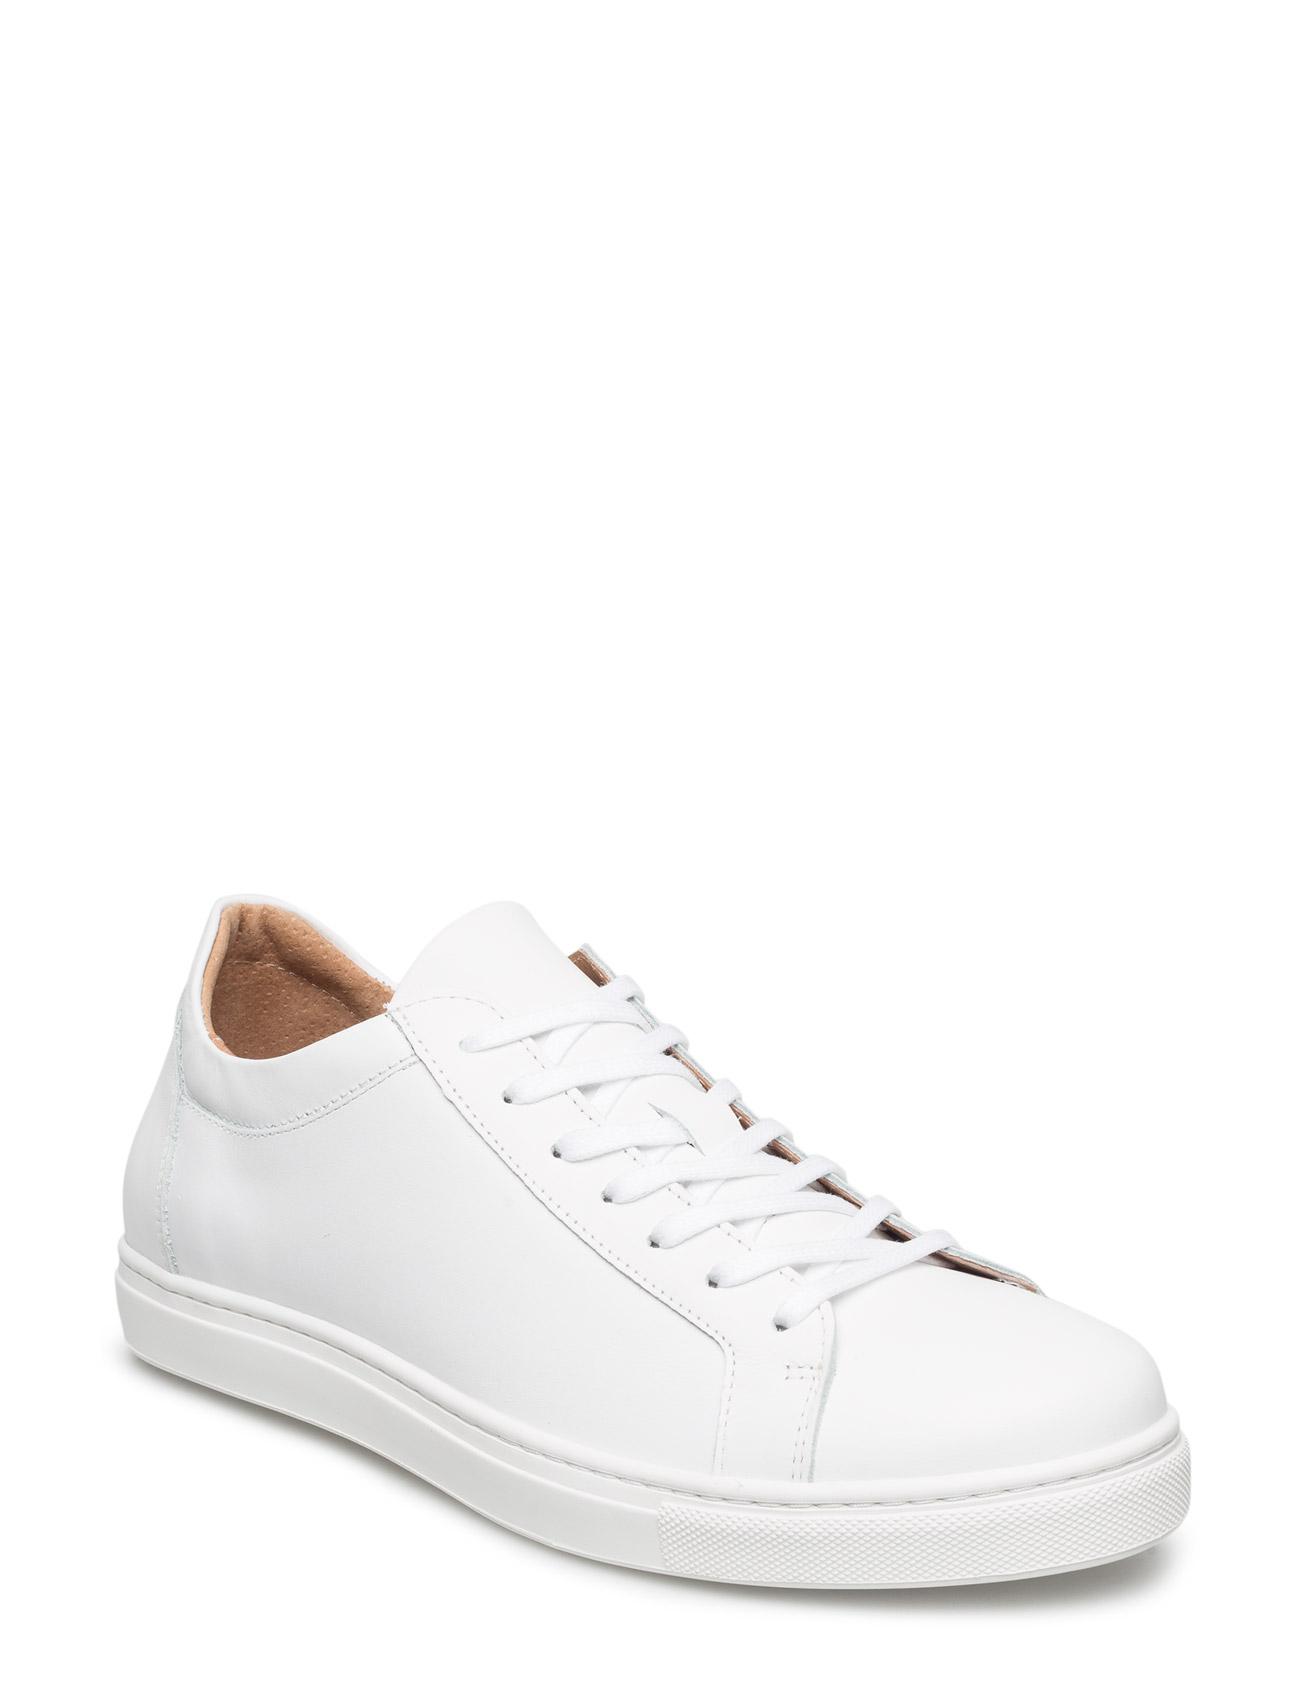 Shndavid Sneaker Noos Selected Homme Sneakers til Mænd i hvid